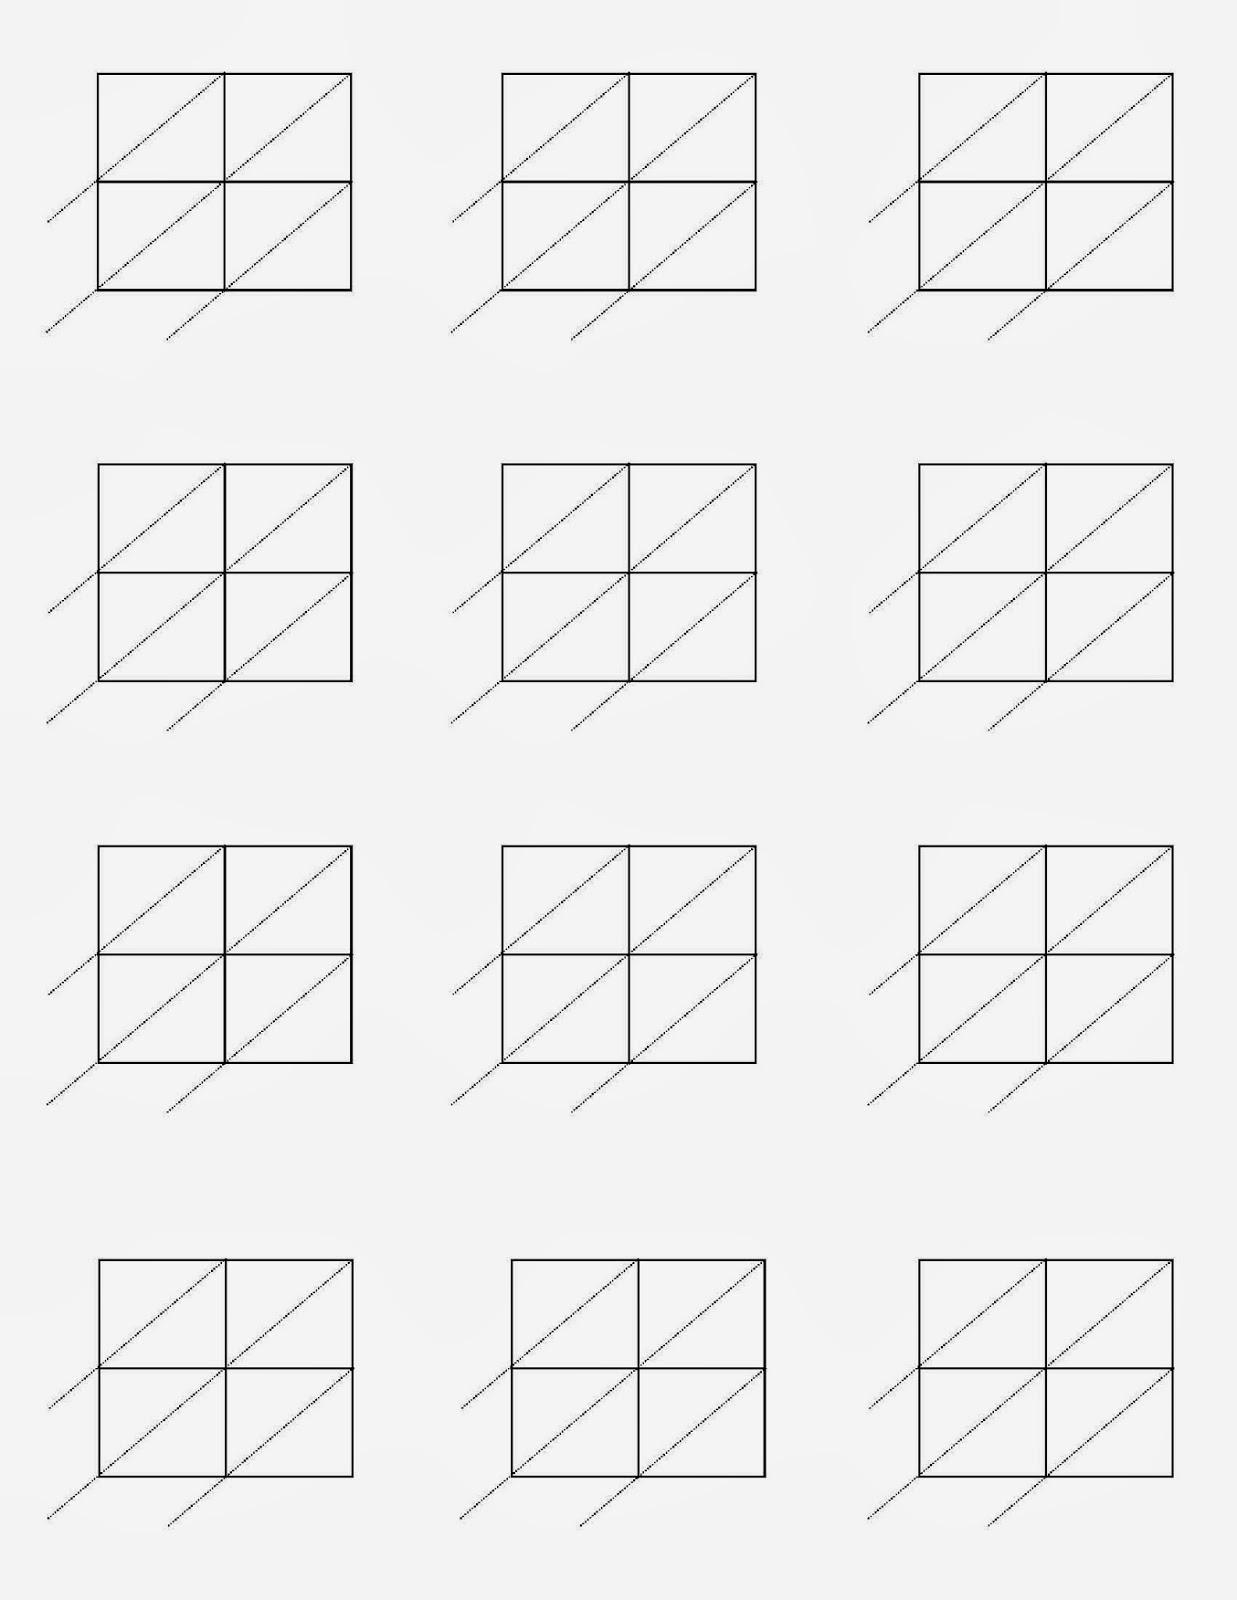 Printable Lattice Multiplication Template Related Keywords – Blank Lattice Multiplication Worksheets